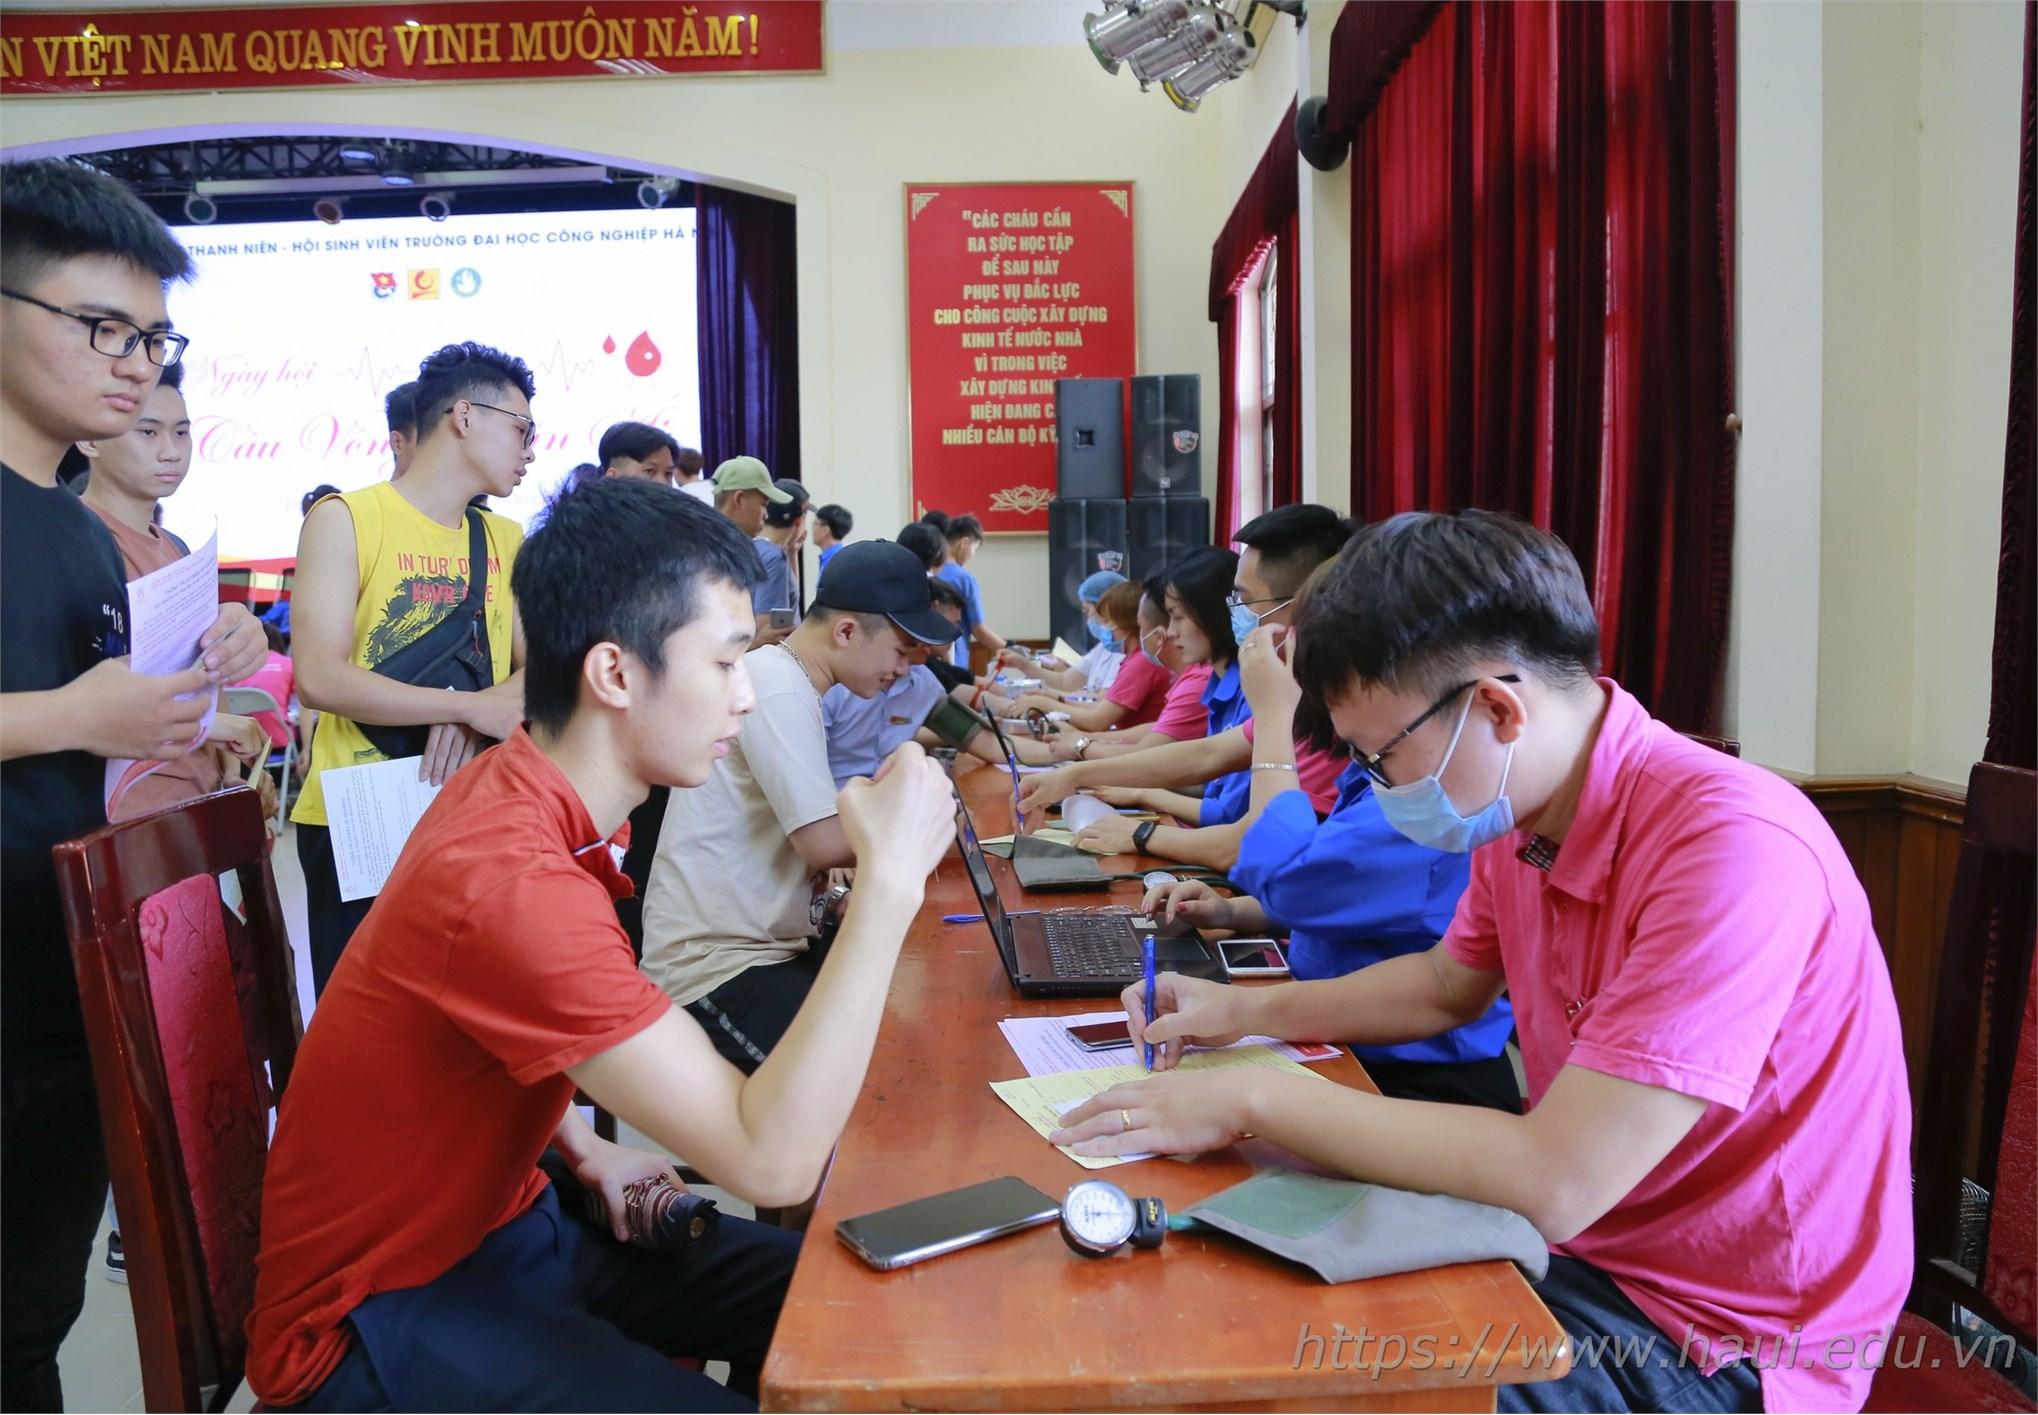 Ngày hội hiến máu năm 2020 tại Đại học Công nghiệp Hà Nội